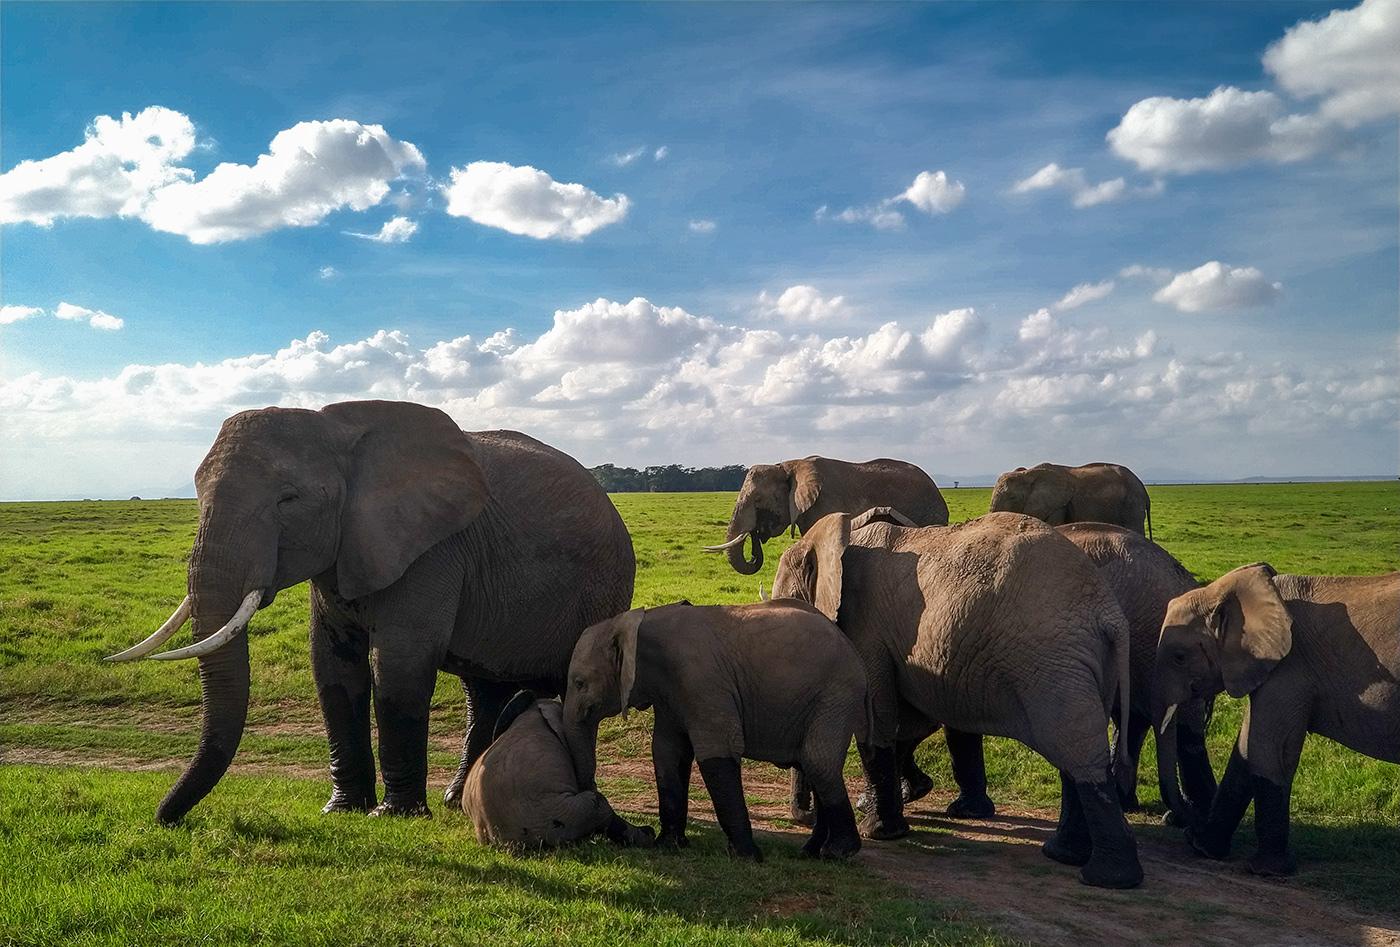 Słonie- Safari-w-Kenii- jak-fotografowac-smartfonem-oderwany